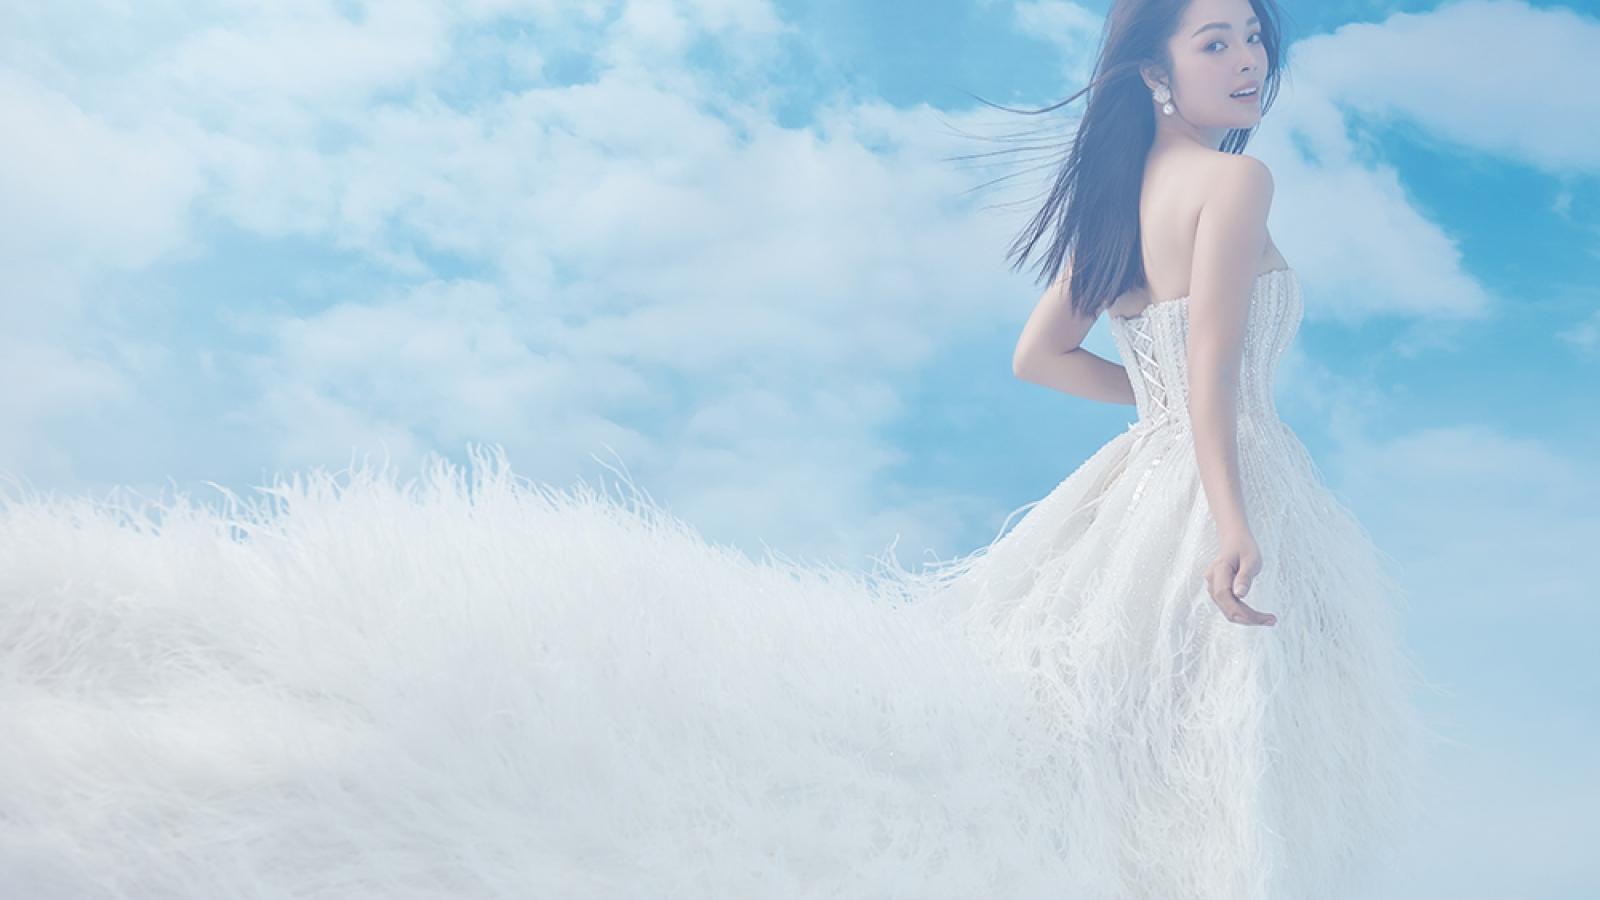 Dương Cẩm Lynh ngọt ngào, gợi cảm trong bộ hình đón tuổi 39